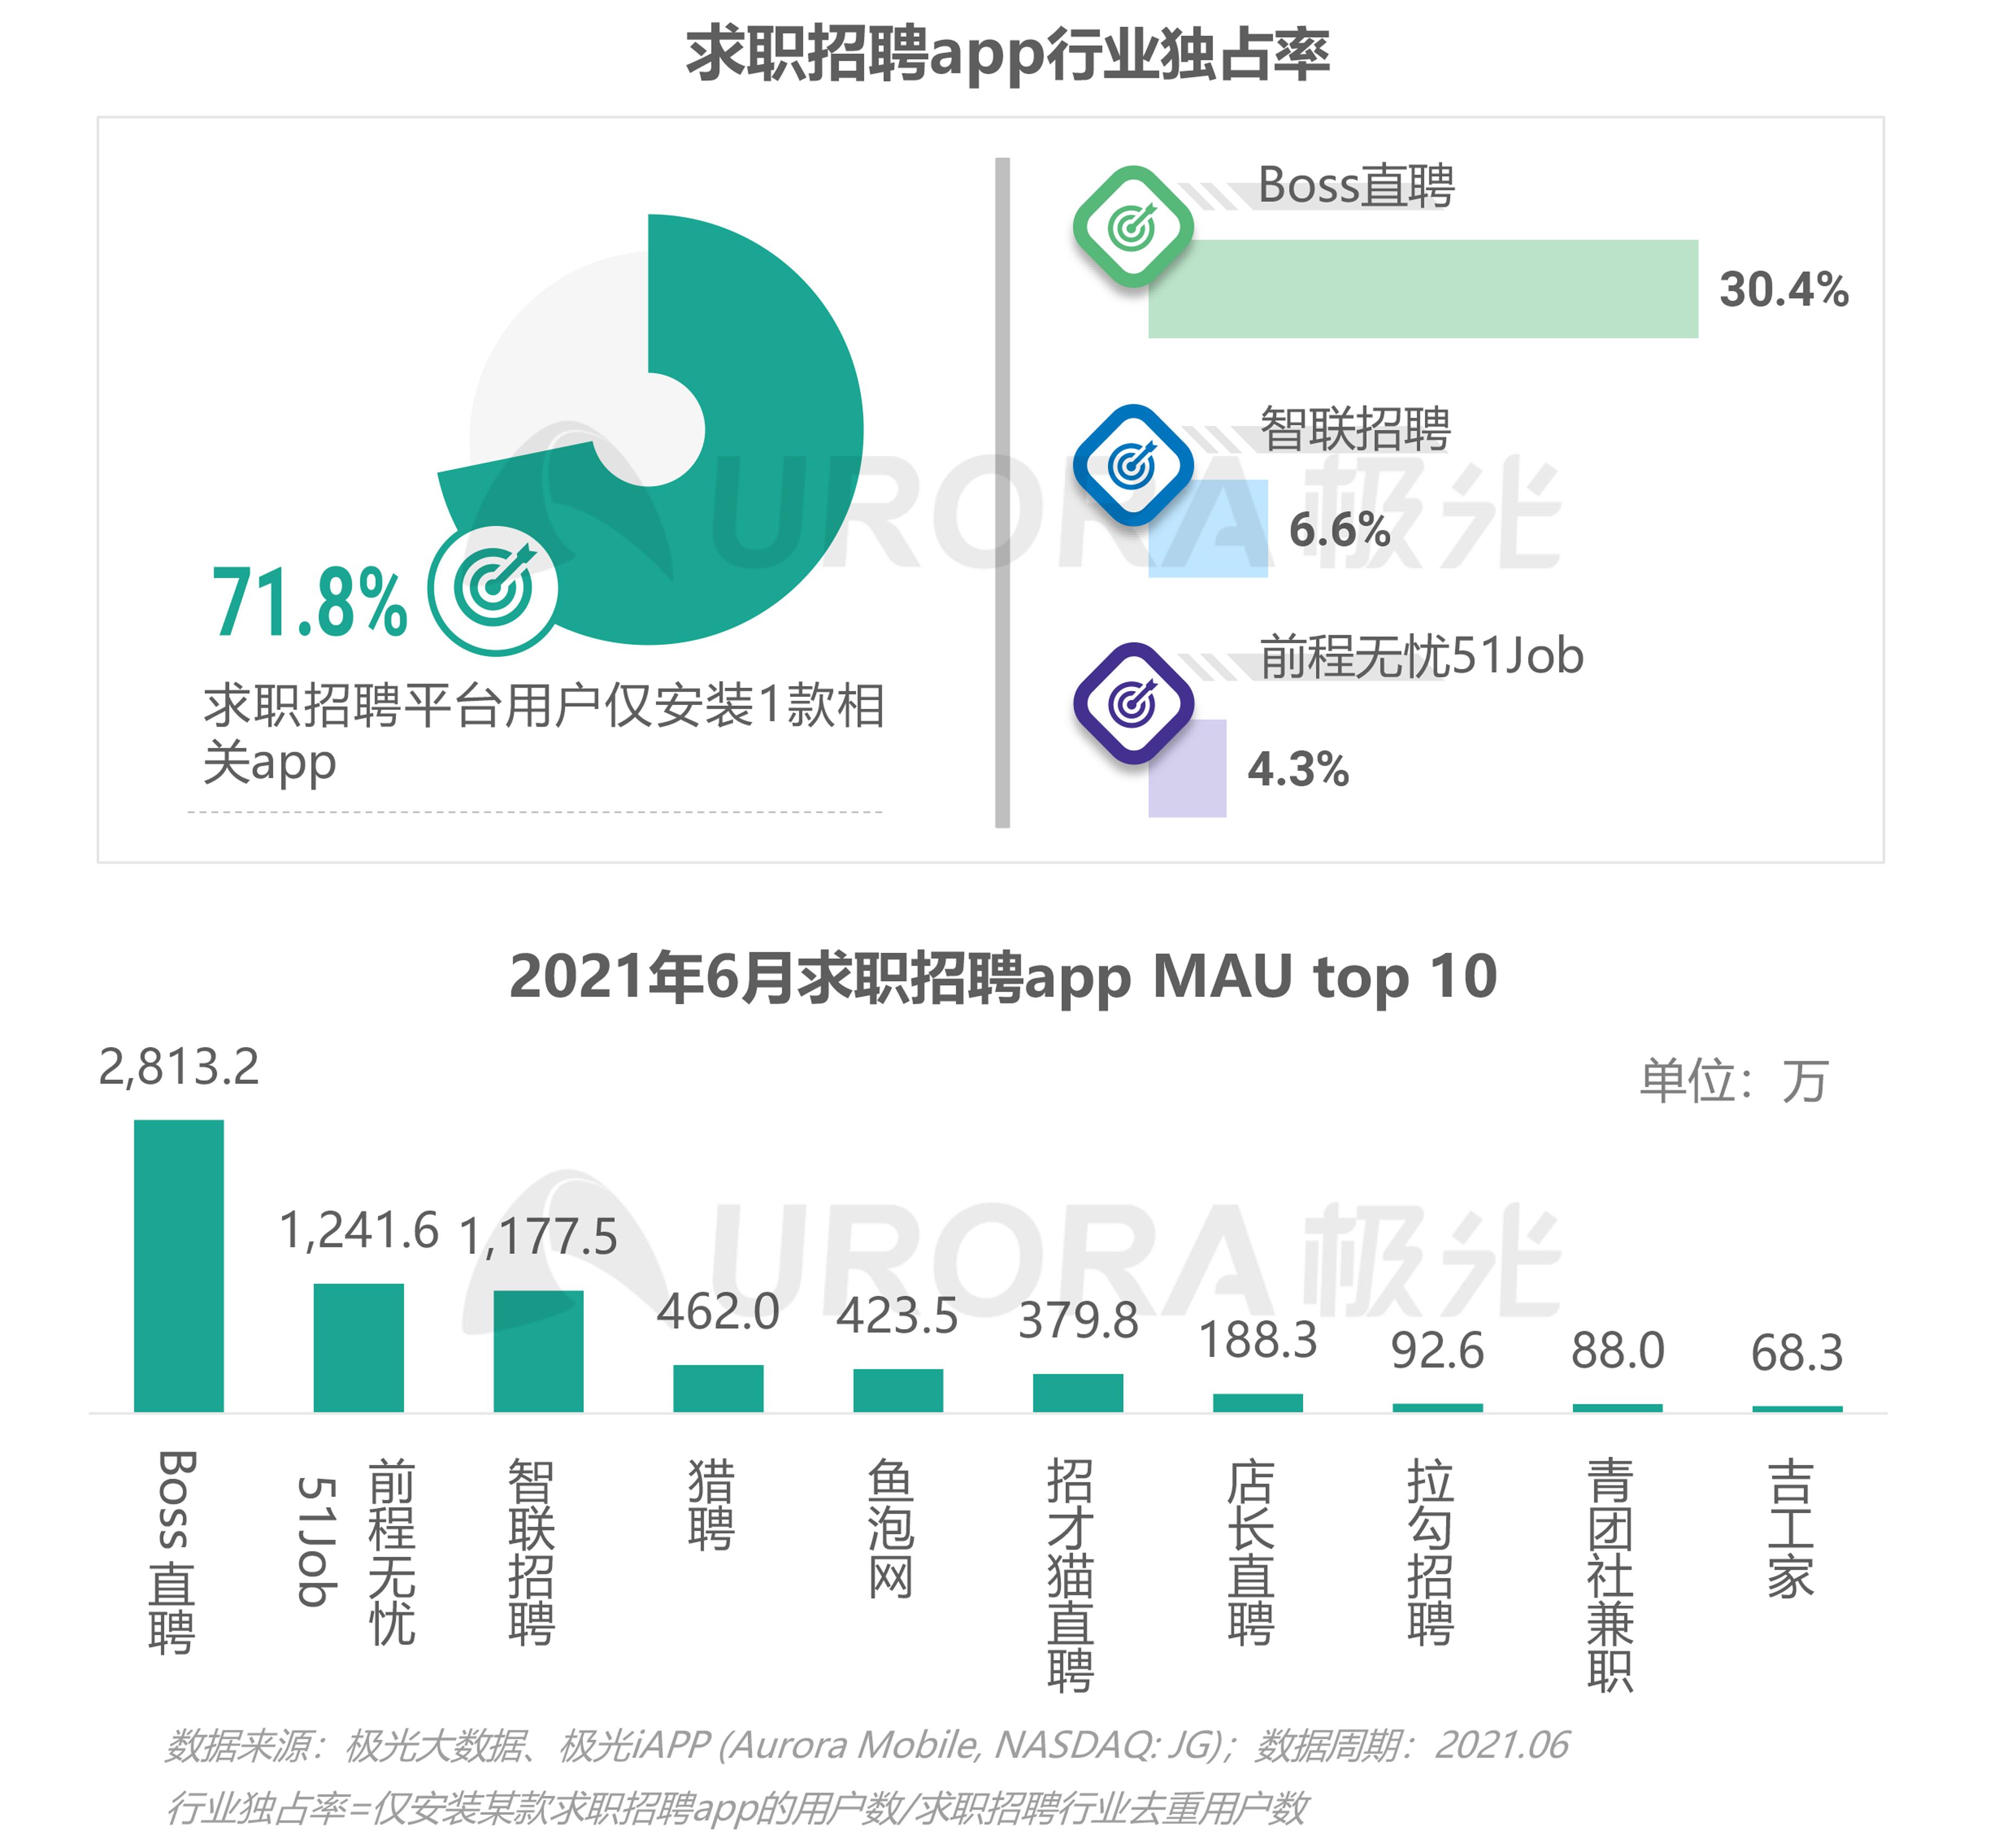 2021毕业生求职状态洞察报告【定稿】-14.png